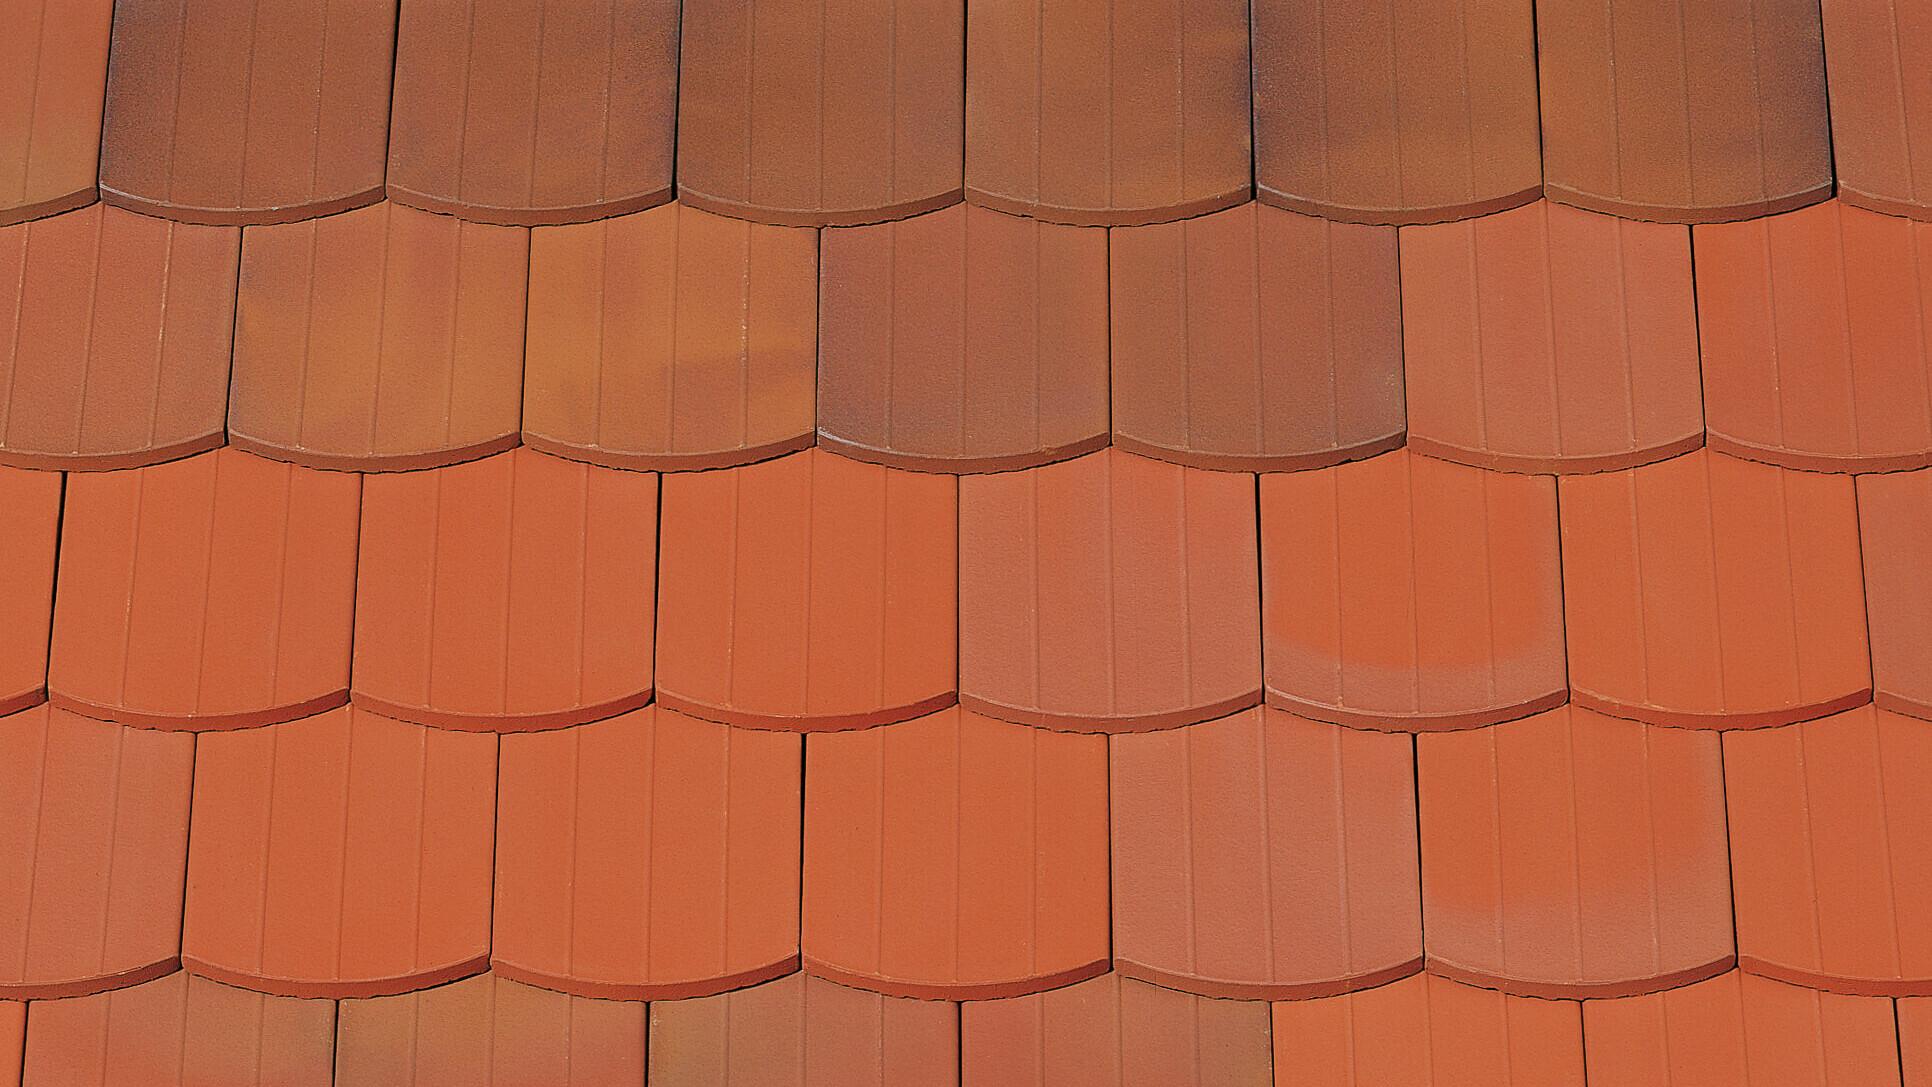 Karpiówki - dachówki ceramiczne w naturalnej odsłonie